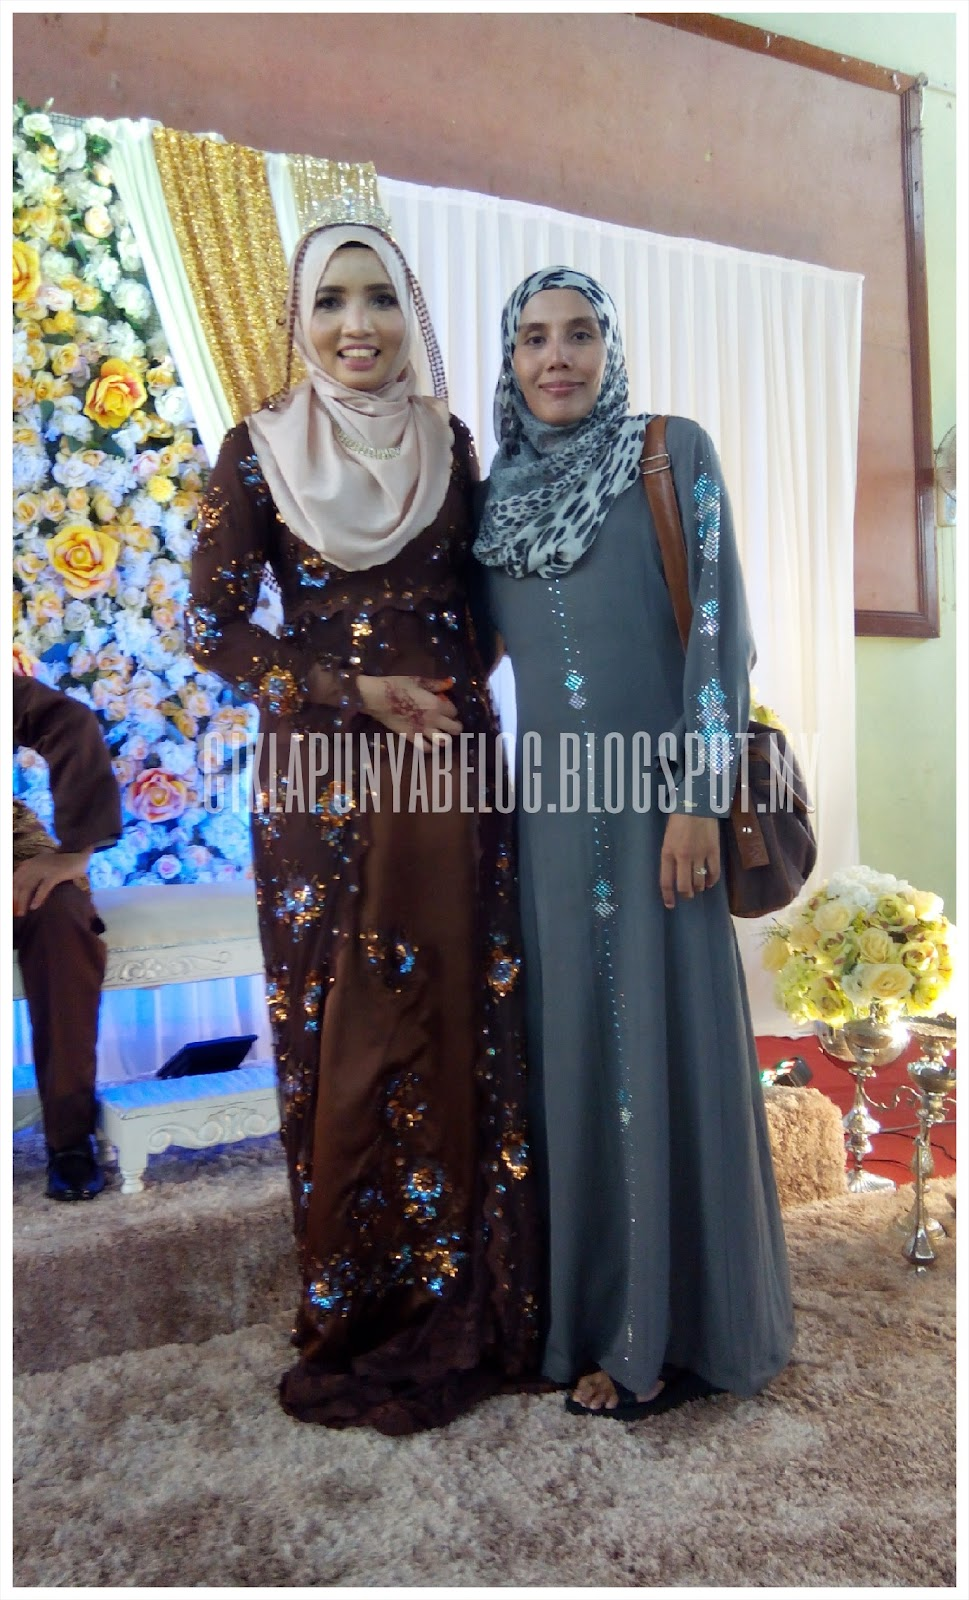 Congrats! My best friend get married!